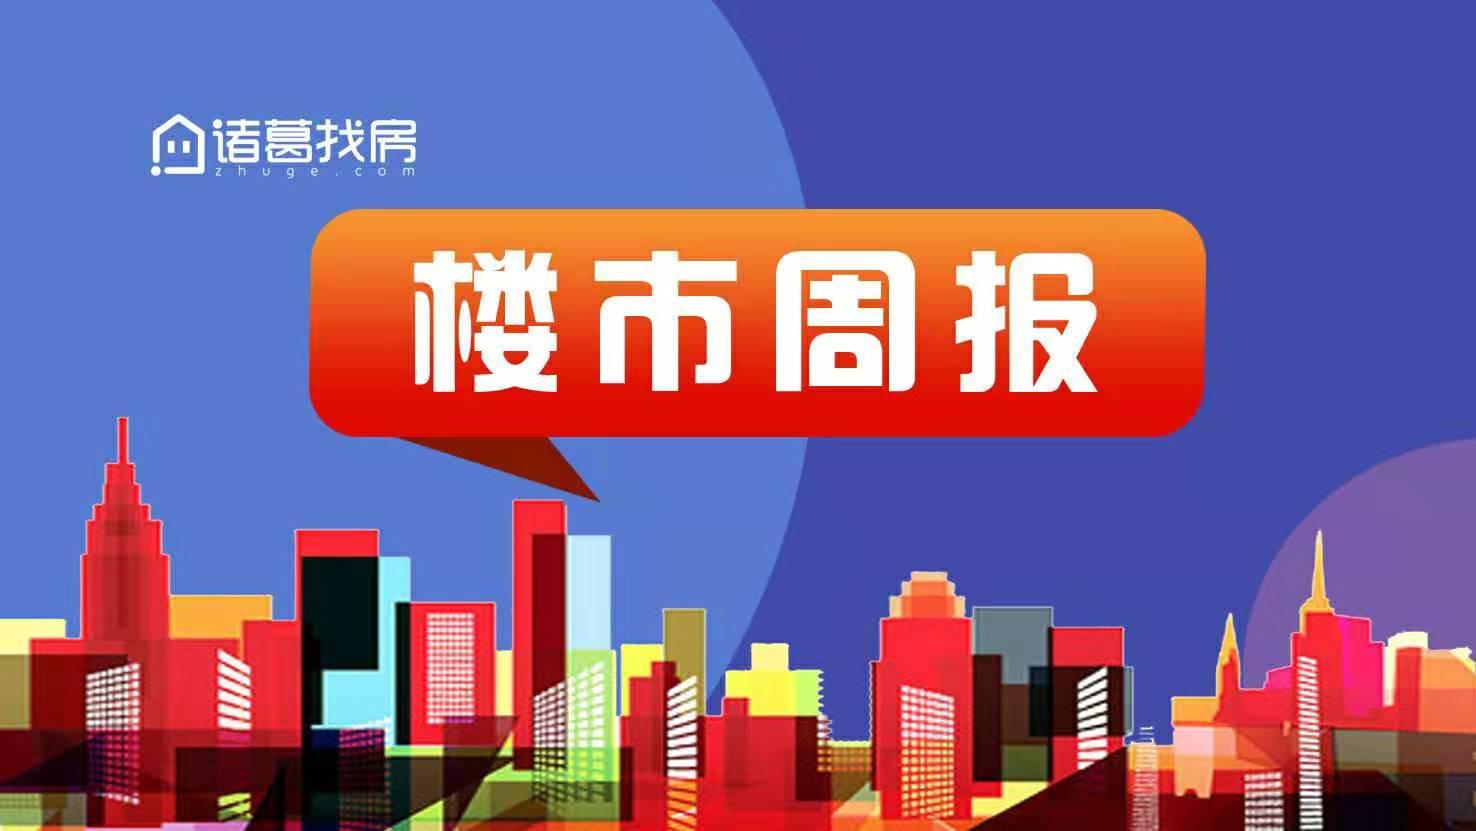 霜降!淄博大部分城区二手房市场价大幅下跌,周村最高下跌3.88%